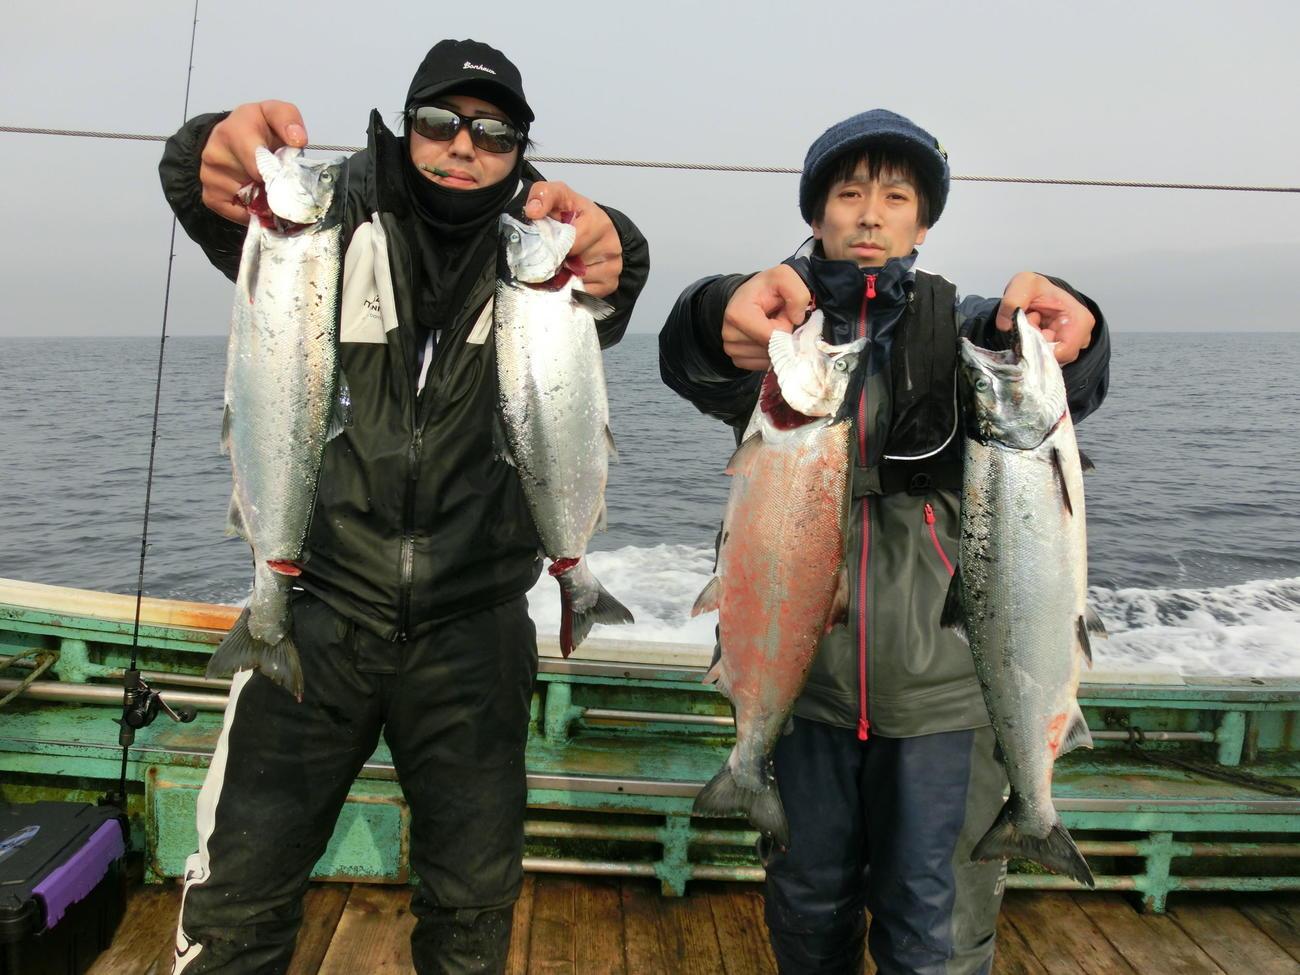 ジグ釣りで良型サクラマスを上げた伊達市の千葉薫人さん(左)と洞爺湖町の白石昇也さん